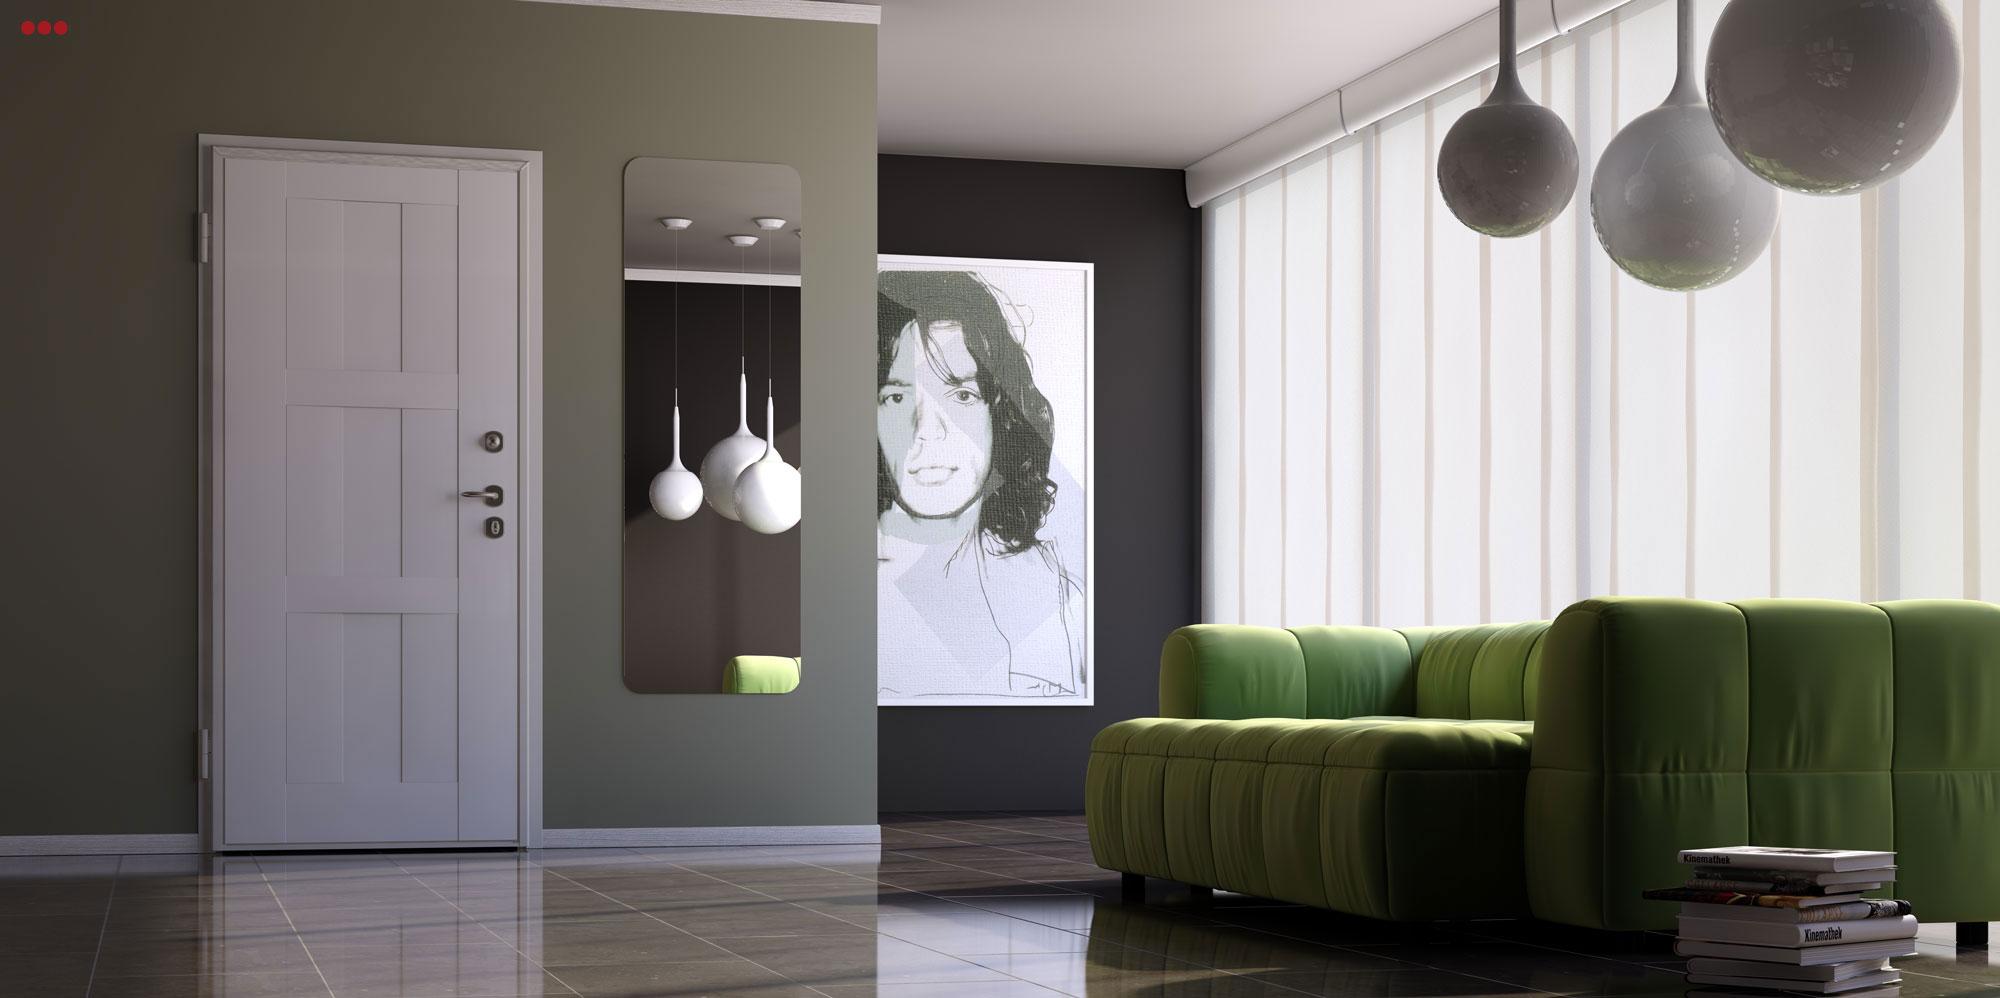 Studio Bartolini progettazione rendering 3D living interno ambiente camera main 2 bogota cam2 rev 2